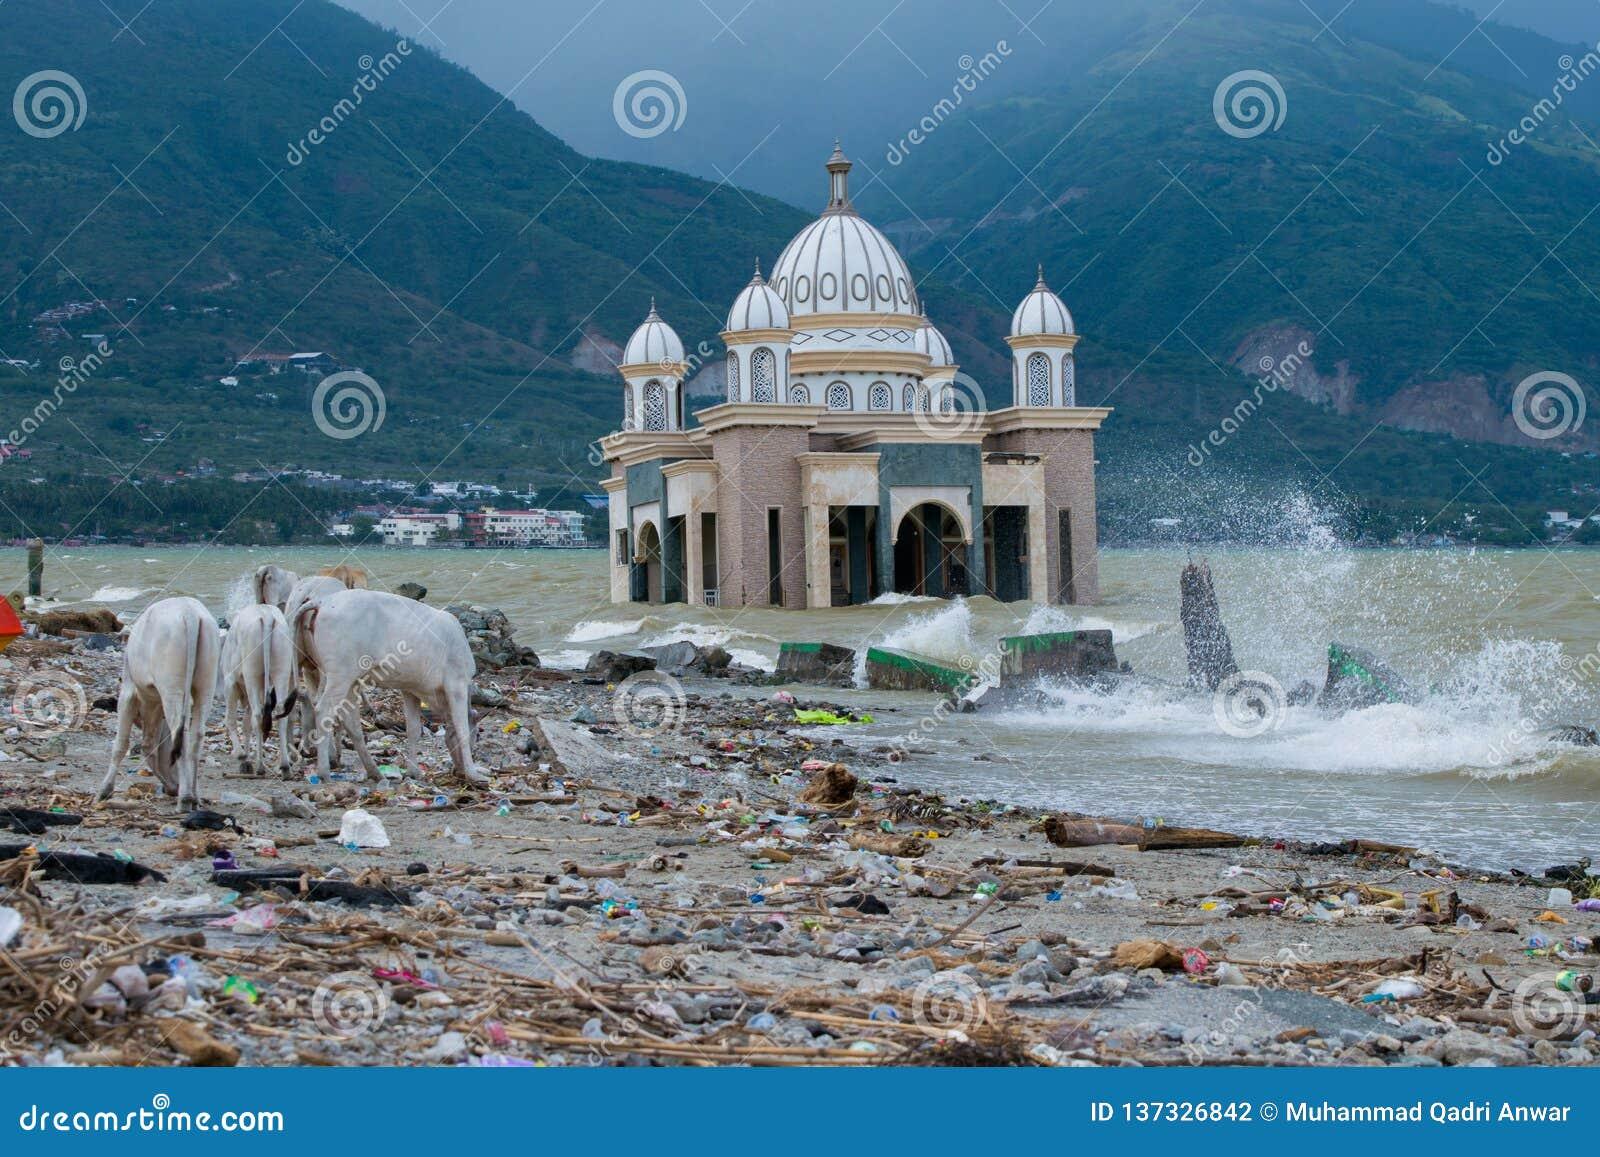 Örtliche Gegebenheit auf Talise-Strand nach Tsunamischlag auf Palu, Indonesien am 28. September 2018